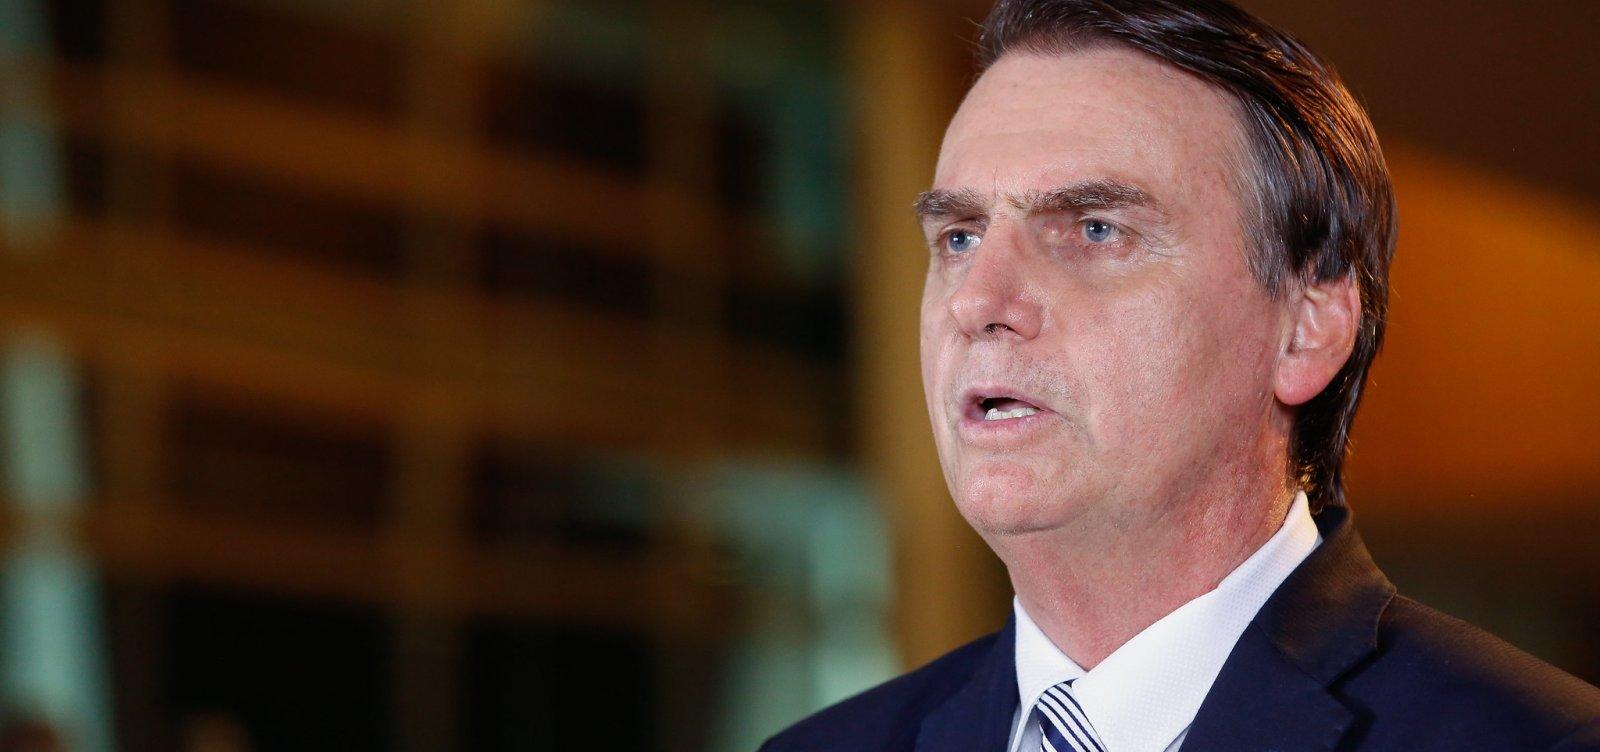 Rede pede que STF multe Bolsonaro em R$ 500 mil a cada declaração falsa sobre urnas eletrônicas